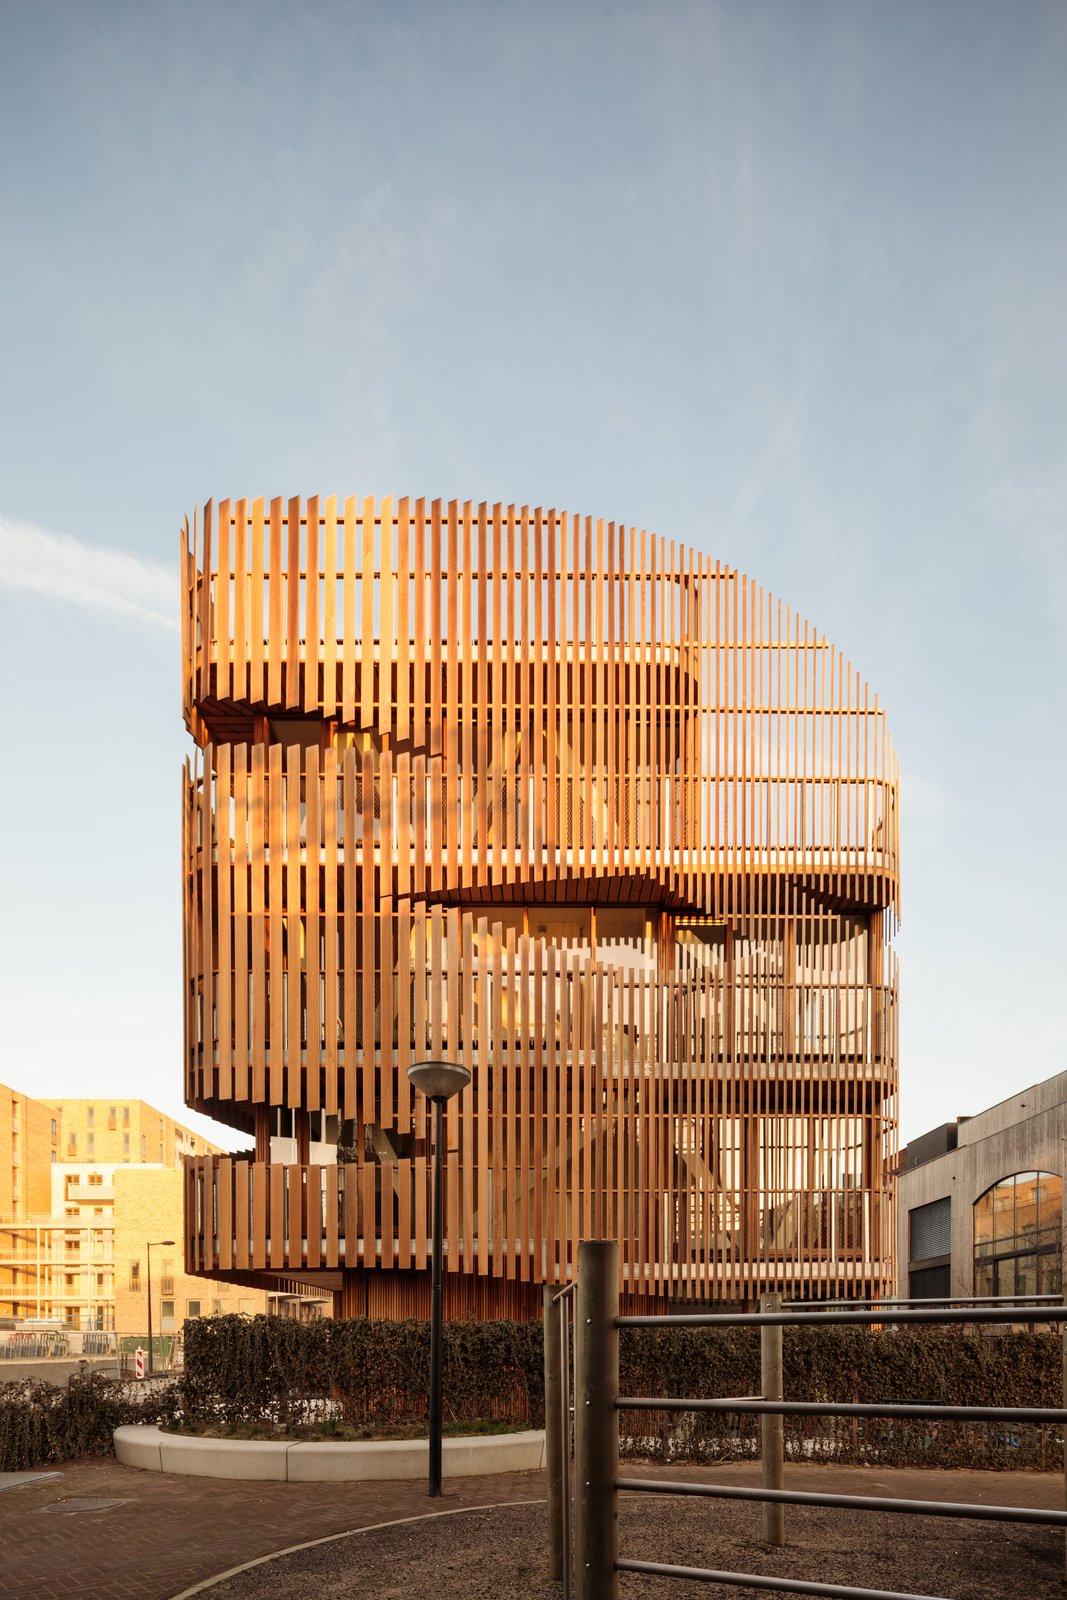 Freebooter wooden louver facade